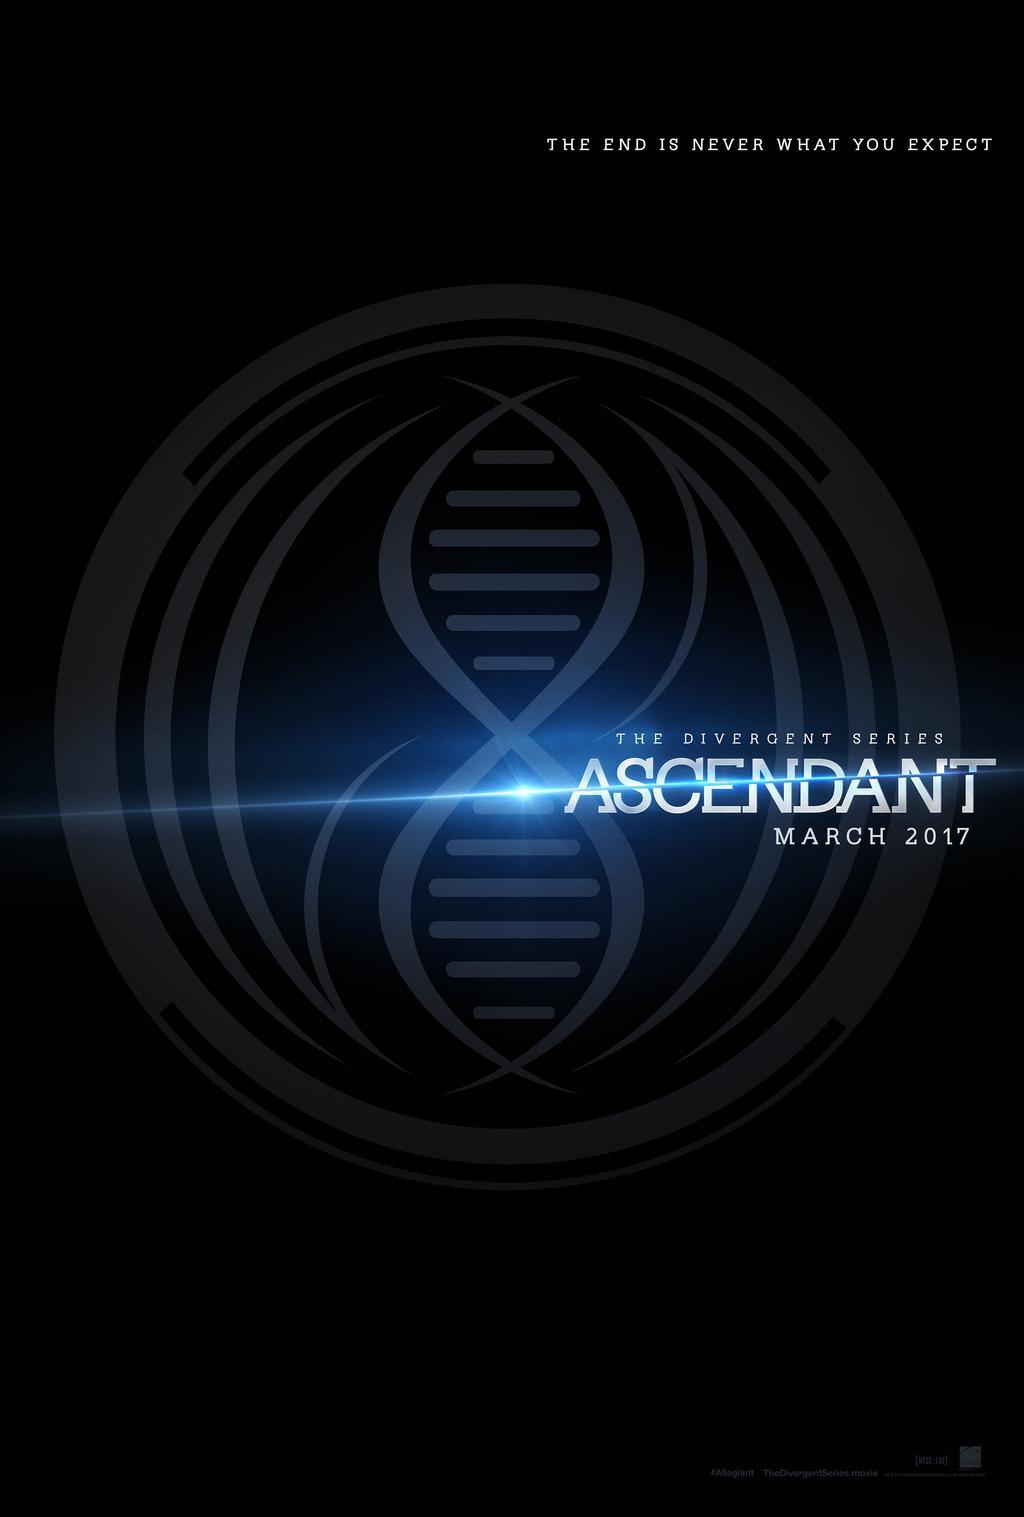 Télécharger The Divergent Series: Ascendant